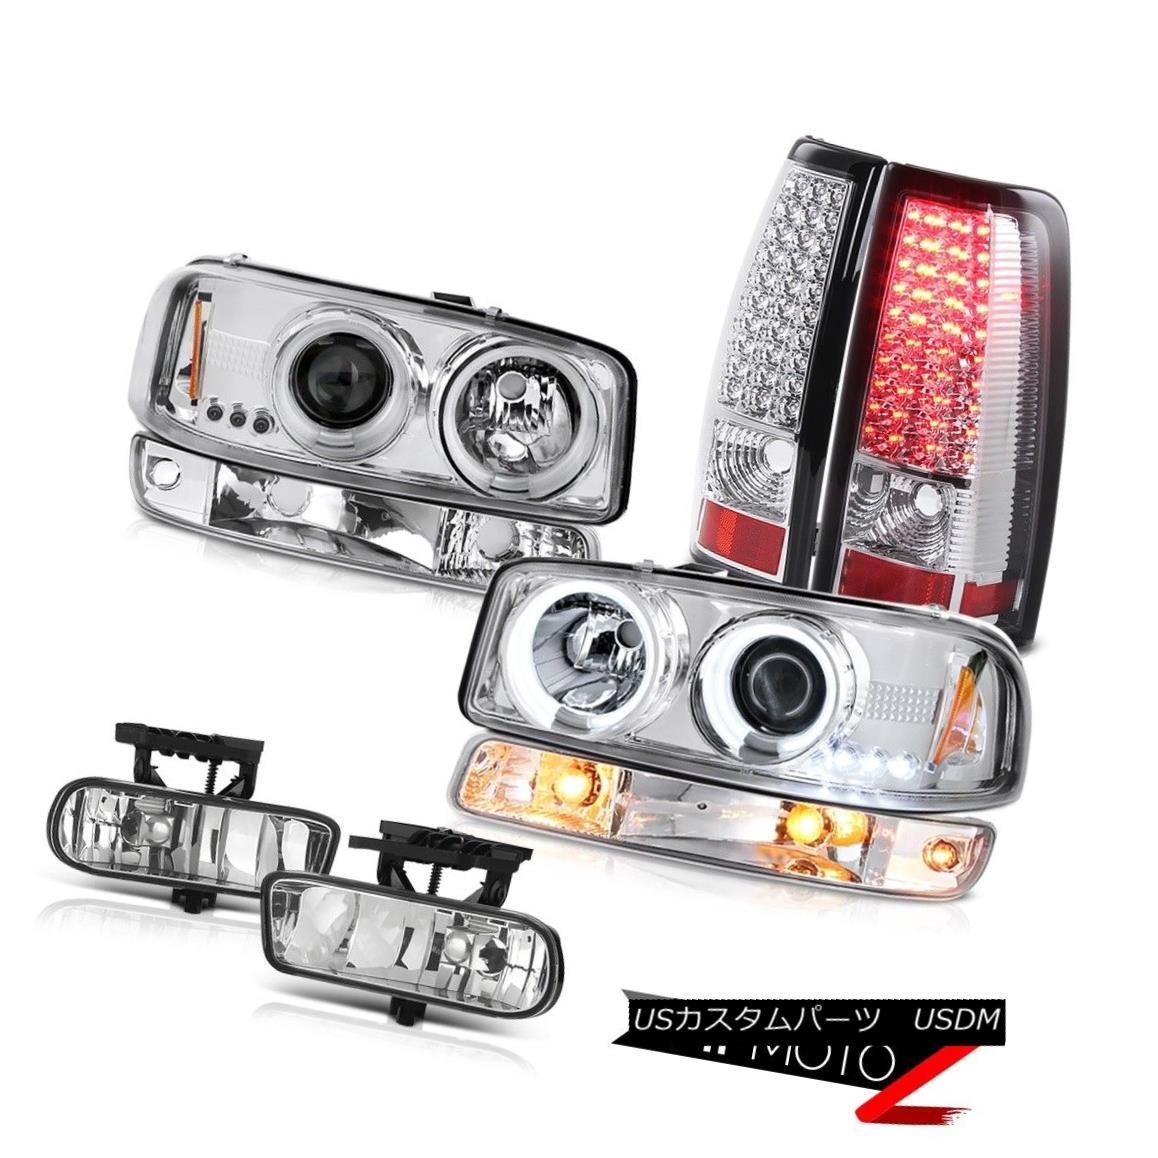 テールライト 99 00 01 02 Sierra SL Fog lamps smd tail lights parking light ccfl headlamps 99 00 01 02 Sierra SLフォグランプsmdテールライトパーキングライトccflヘッドランプ